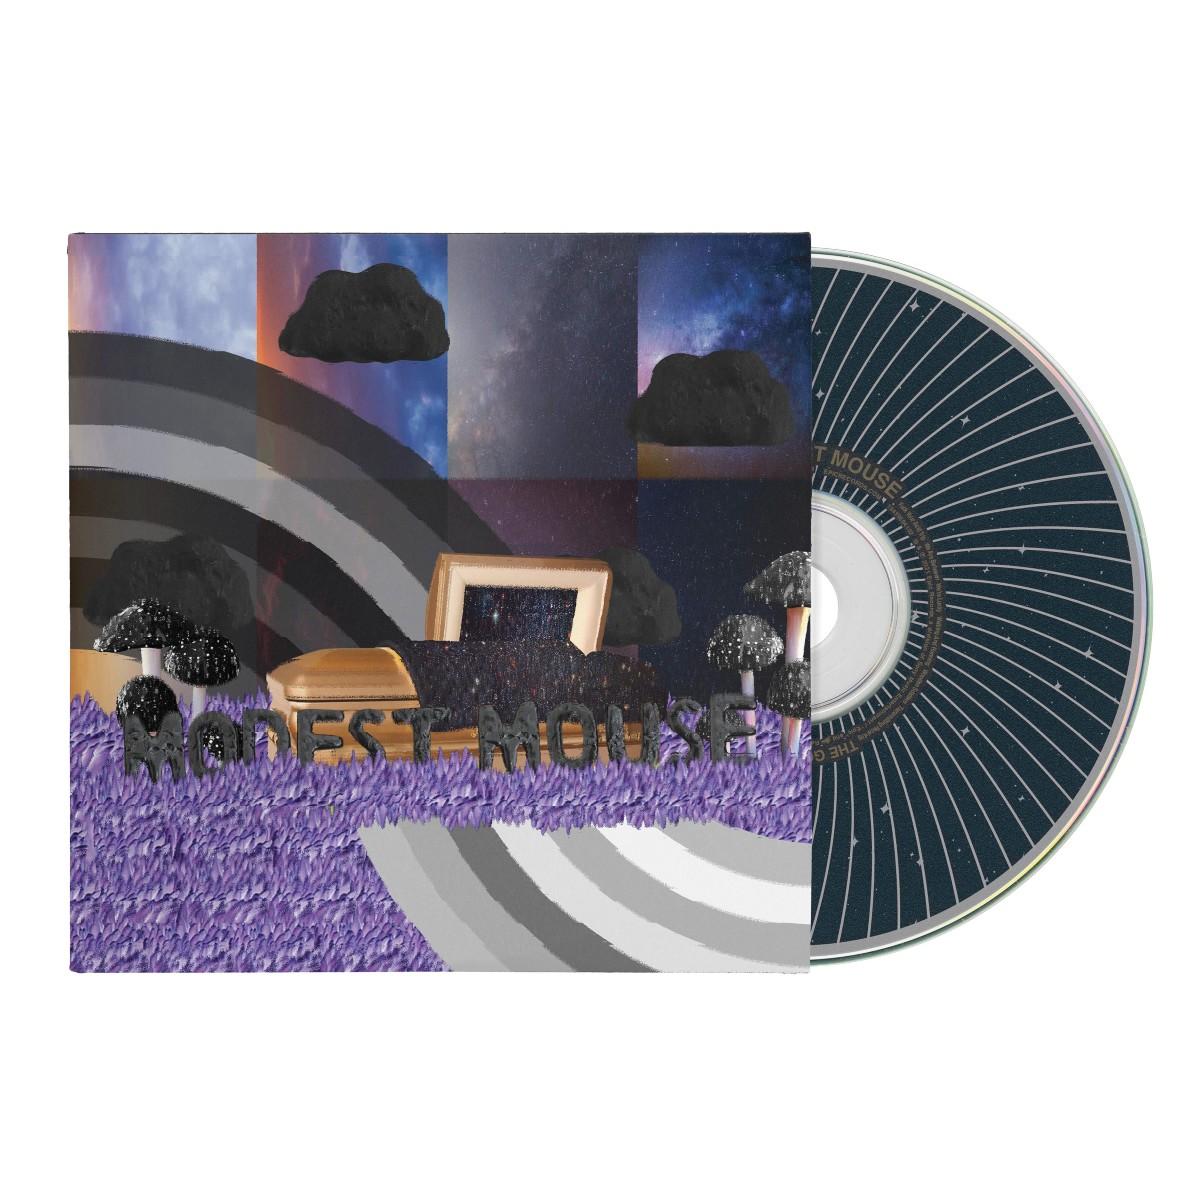 The Golden Casket - Nighttime CD (Standard Jewel Case)